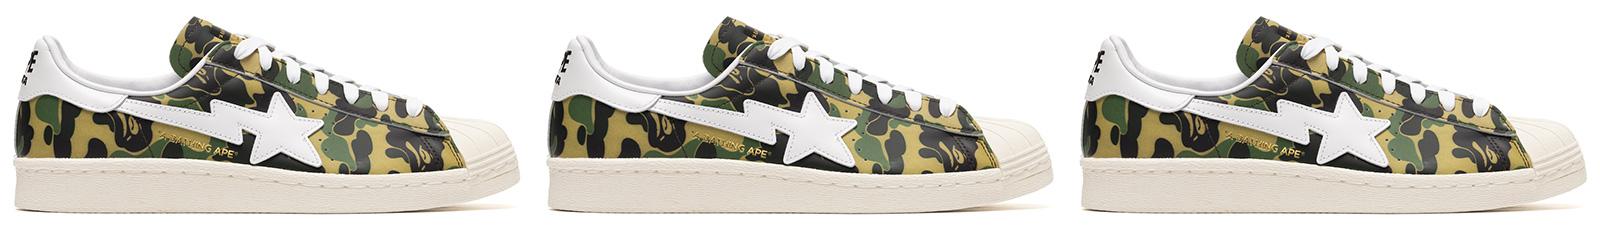 BAPE® x adidas Originals